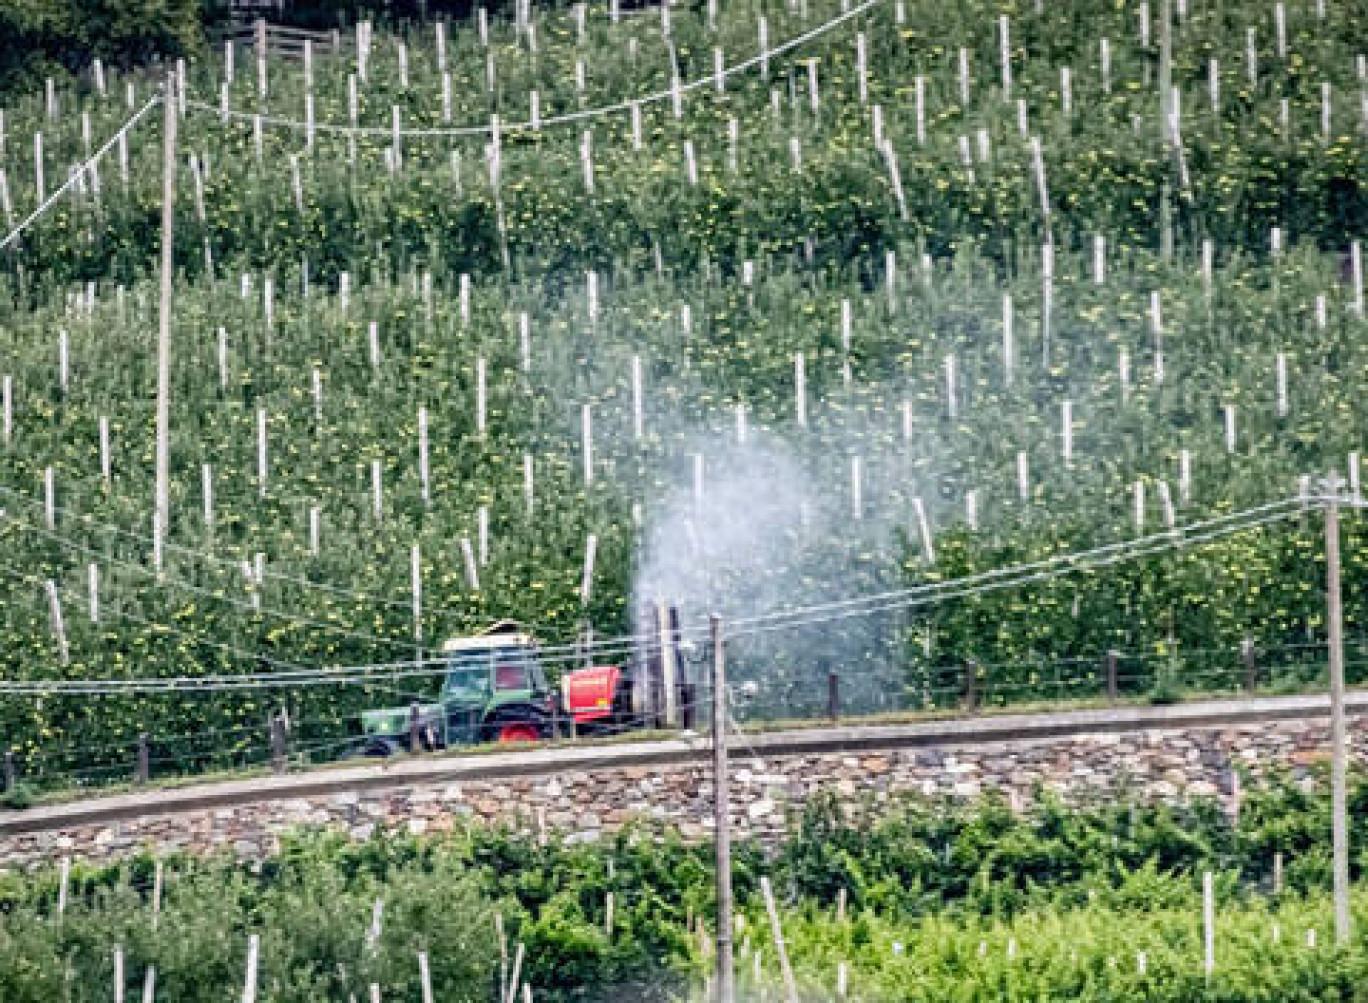 A processo per aver denunciato il massiccio uso di pesticidi: accade a Bolzano